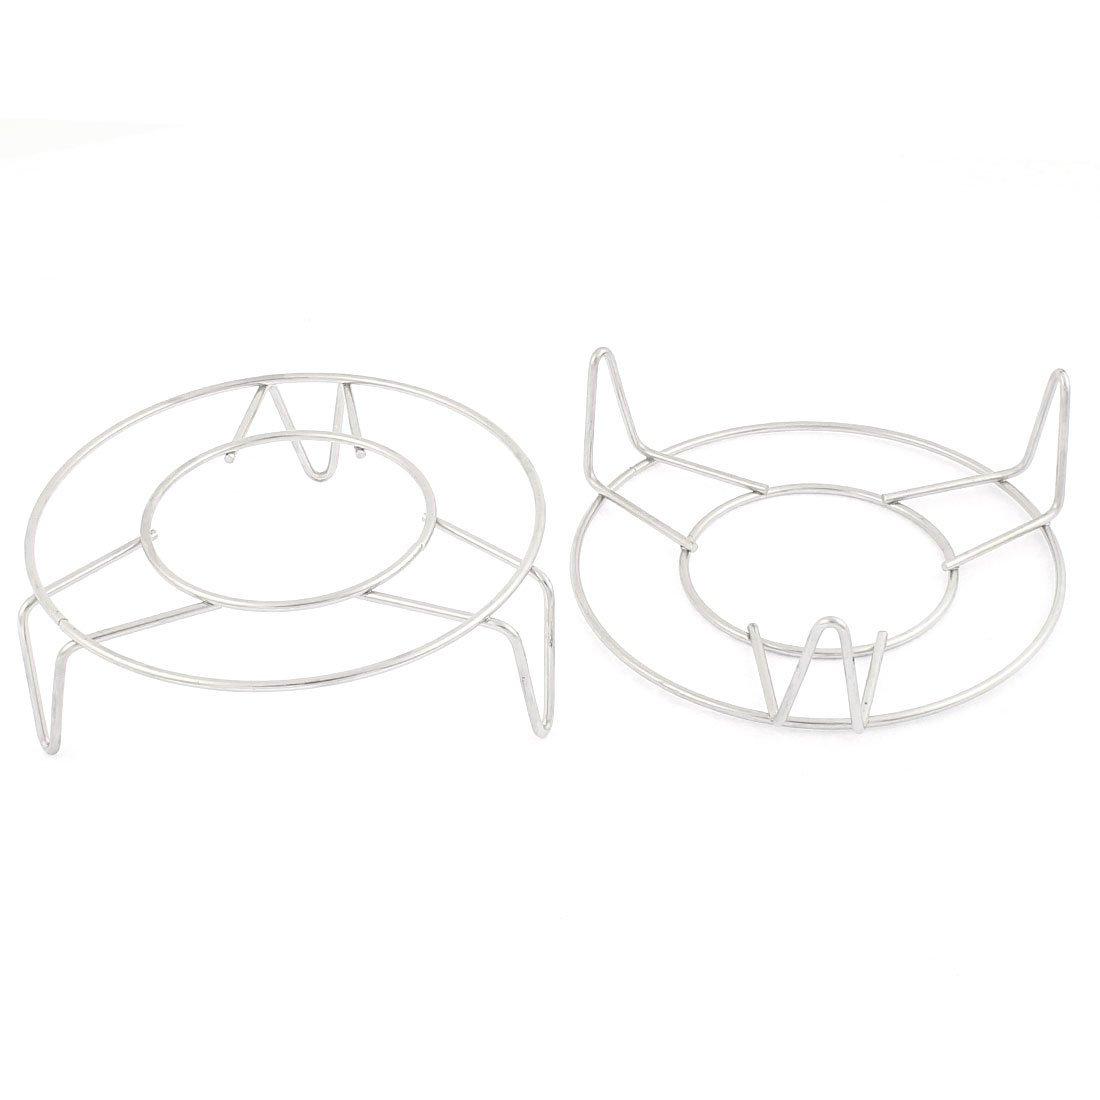 Acero inoxidable de cocina rejilla de vapor Ronda soporte 12, 5 cm Dia 2 piezas DealMux